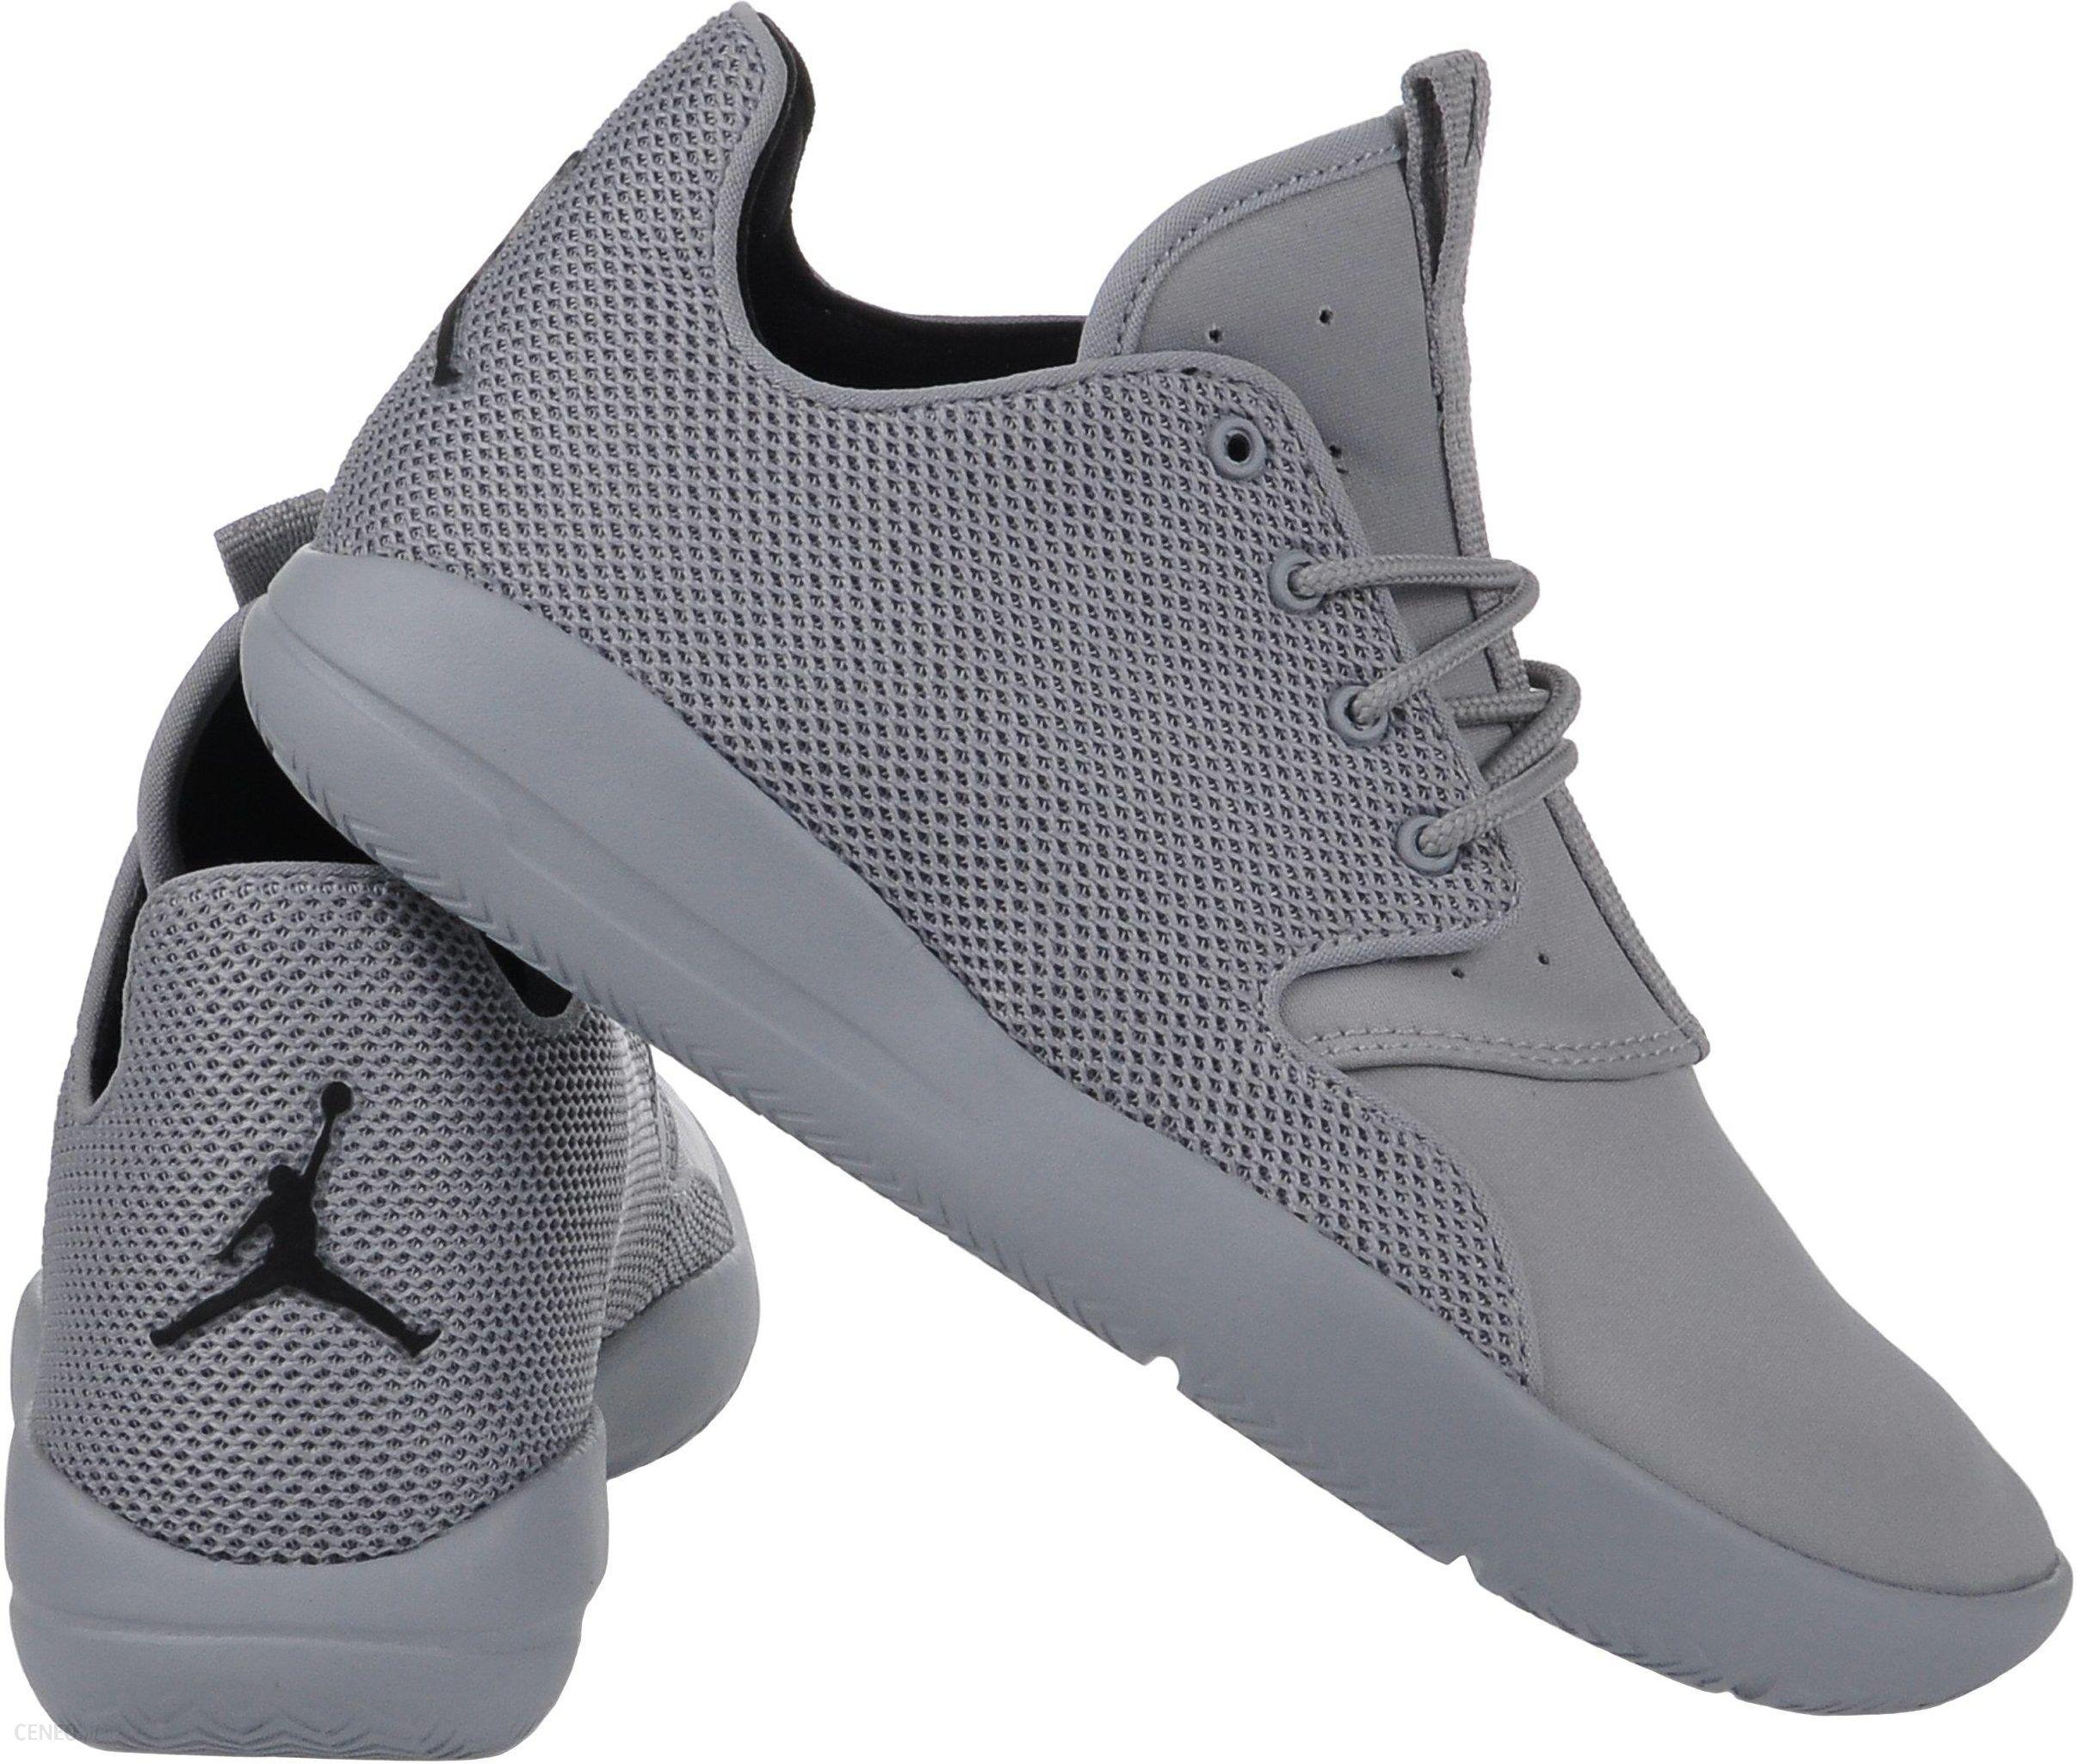 sprawdzić wylot najlepsza wyprzedaż Buty Nike Jordan Eclipse 724042 004 Szare r.36,5